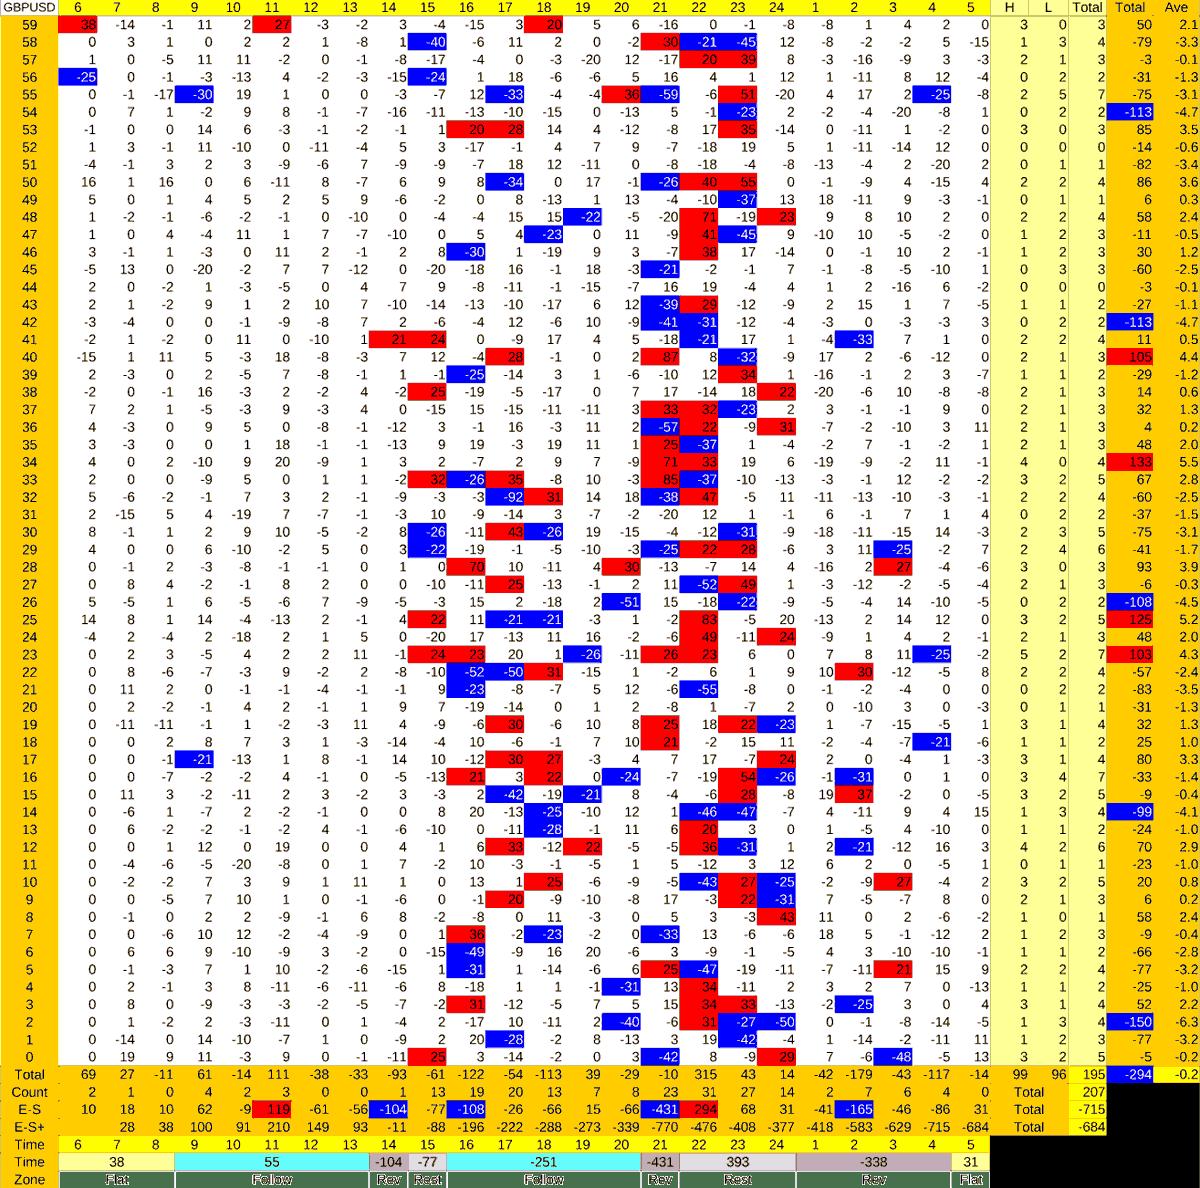 20210713_HS(2)GBPUSD